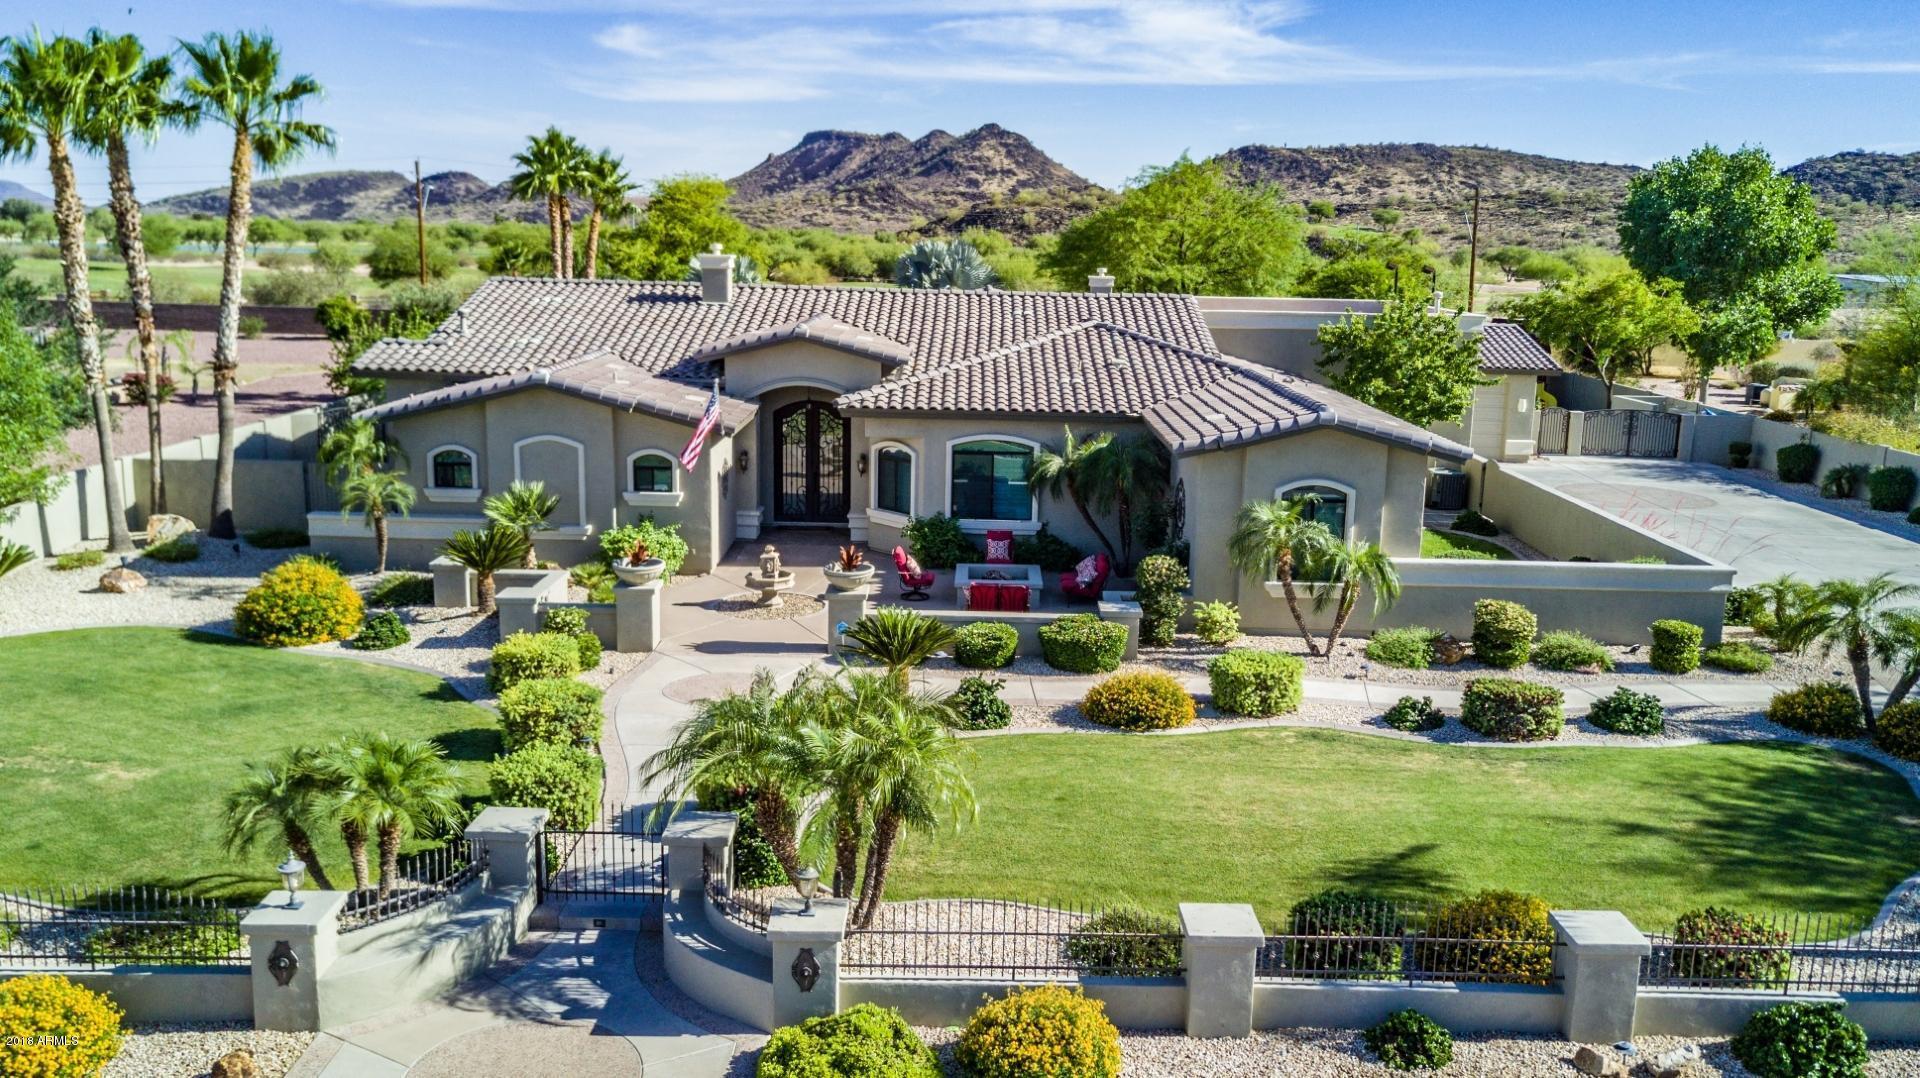 MLS 5765932 5003 W ELECTRA Lane, Glendale, AZ 85310 Glendale AZ Golf